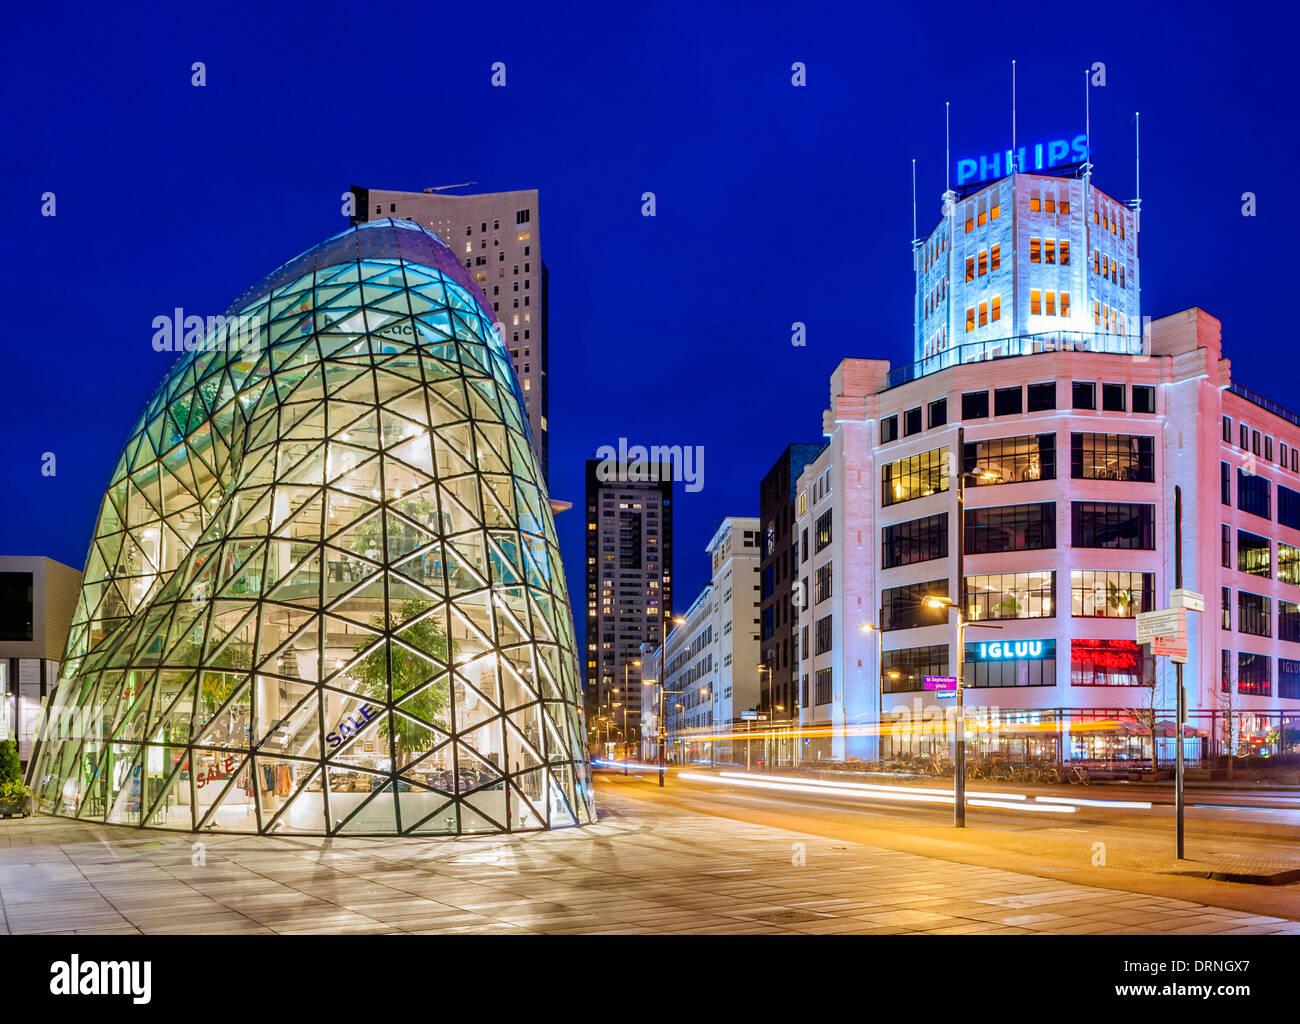 Eindhoven, Paesi Bassi, Europa - il Blob edificio di architettura moderna nel centro della città utilizzato come ingresso al Admirant shopping mall Immagini Stock